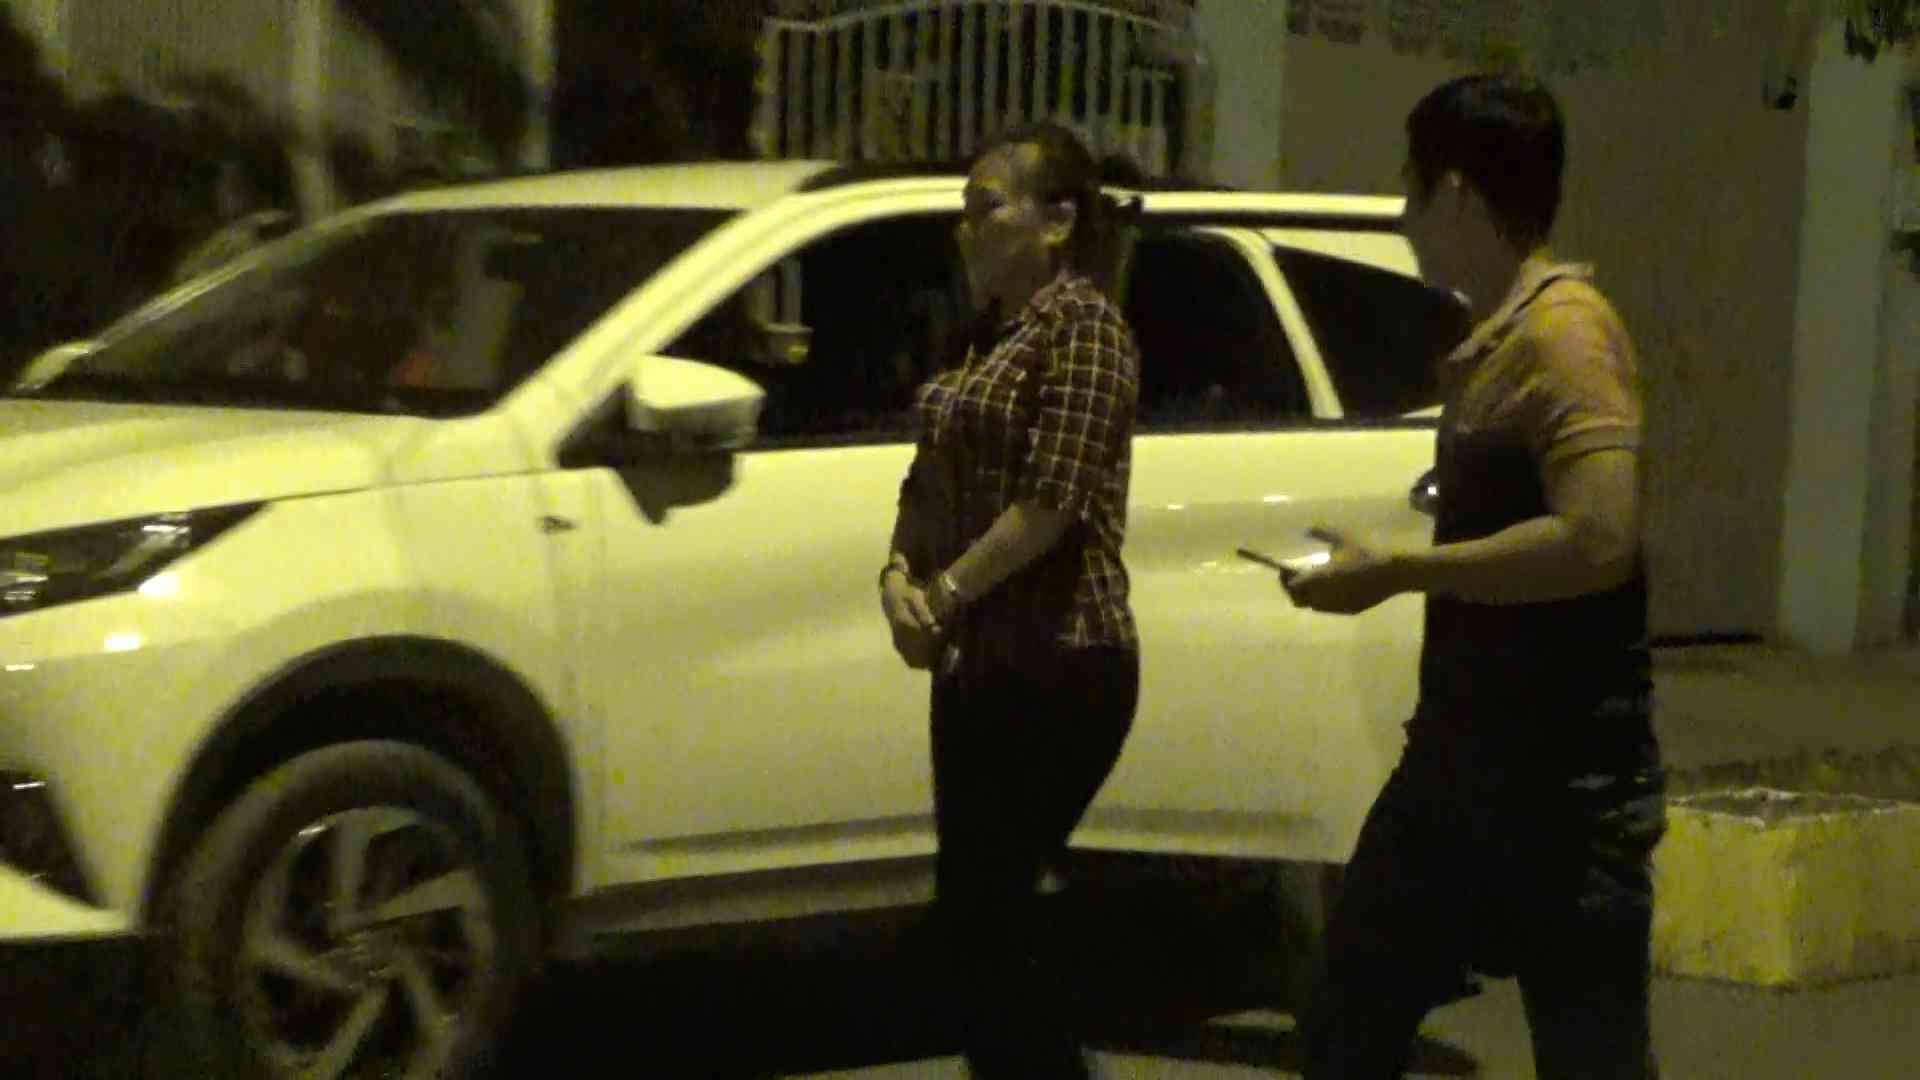 Công an khám xét nhà nhóm tội phạm hoành hành ở khu vực Suối Tiên xuyên đêm - 2